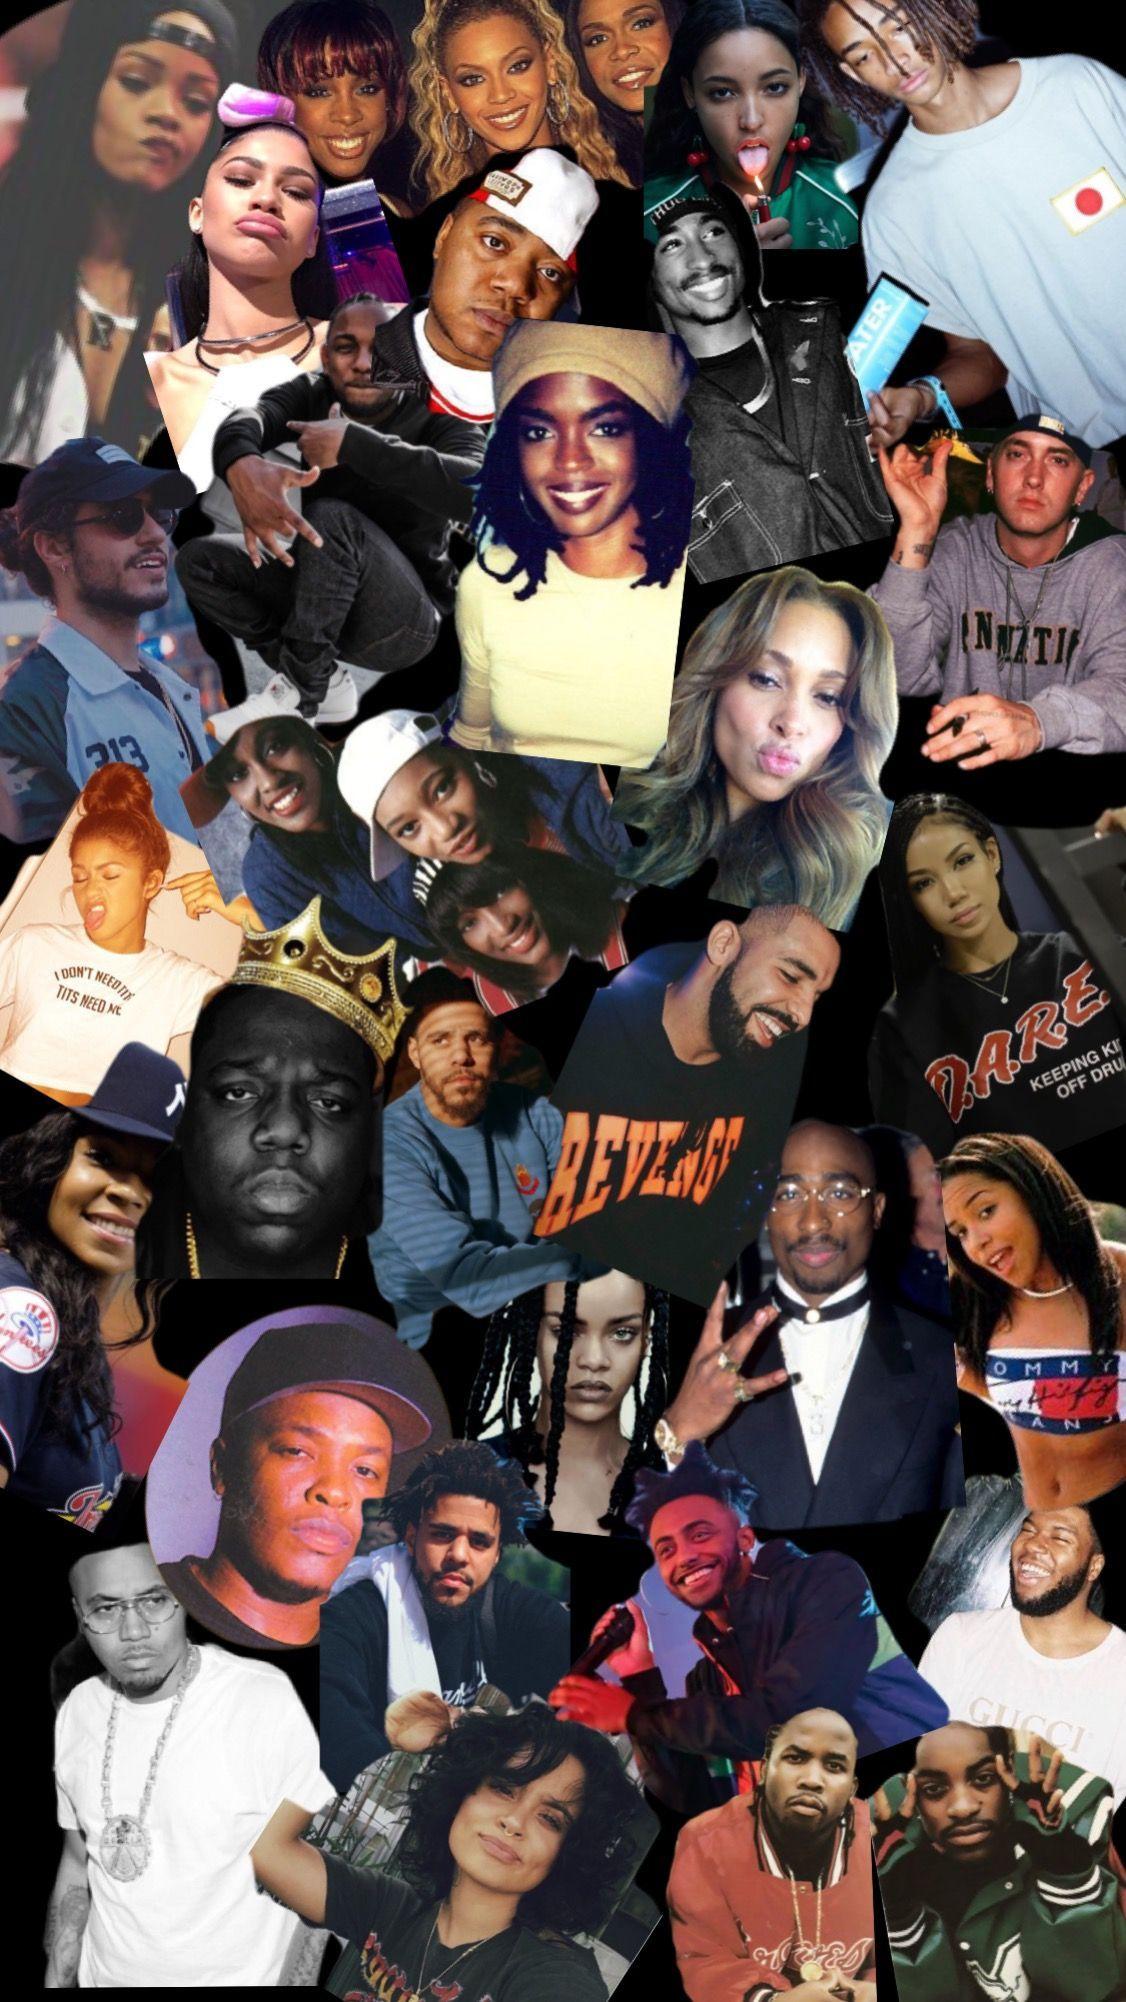 wallpaper Aesthetic wallpapers, Rap wallpaper, Tupac